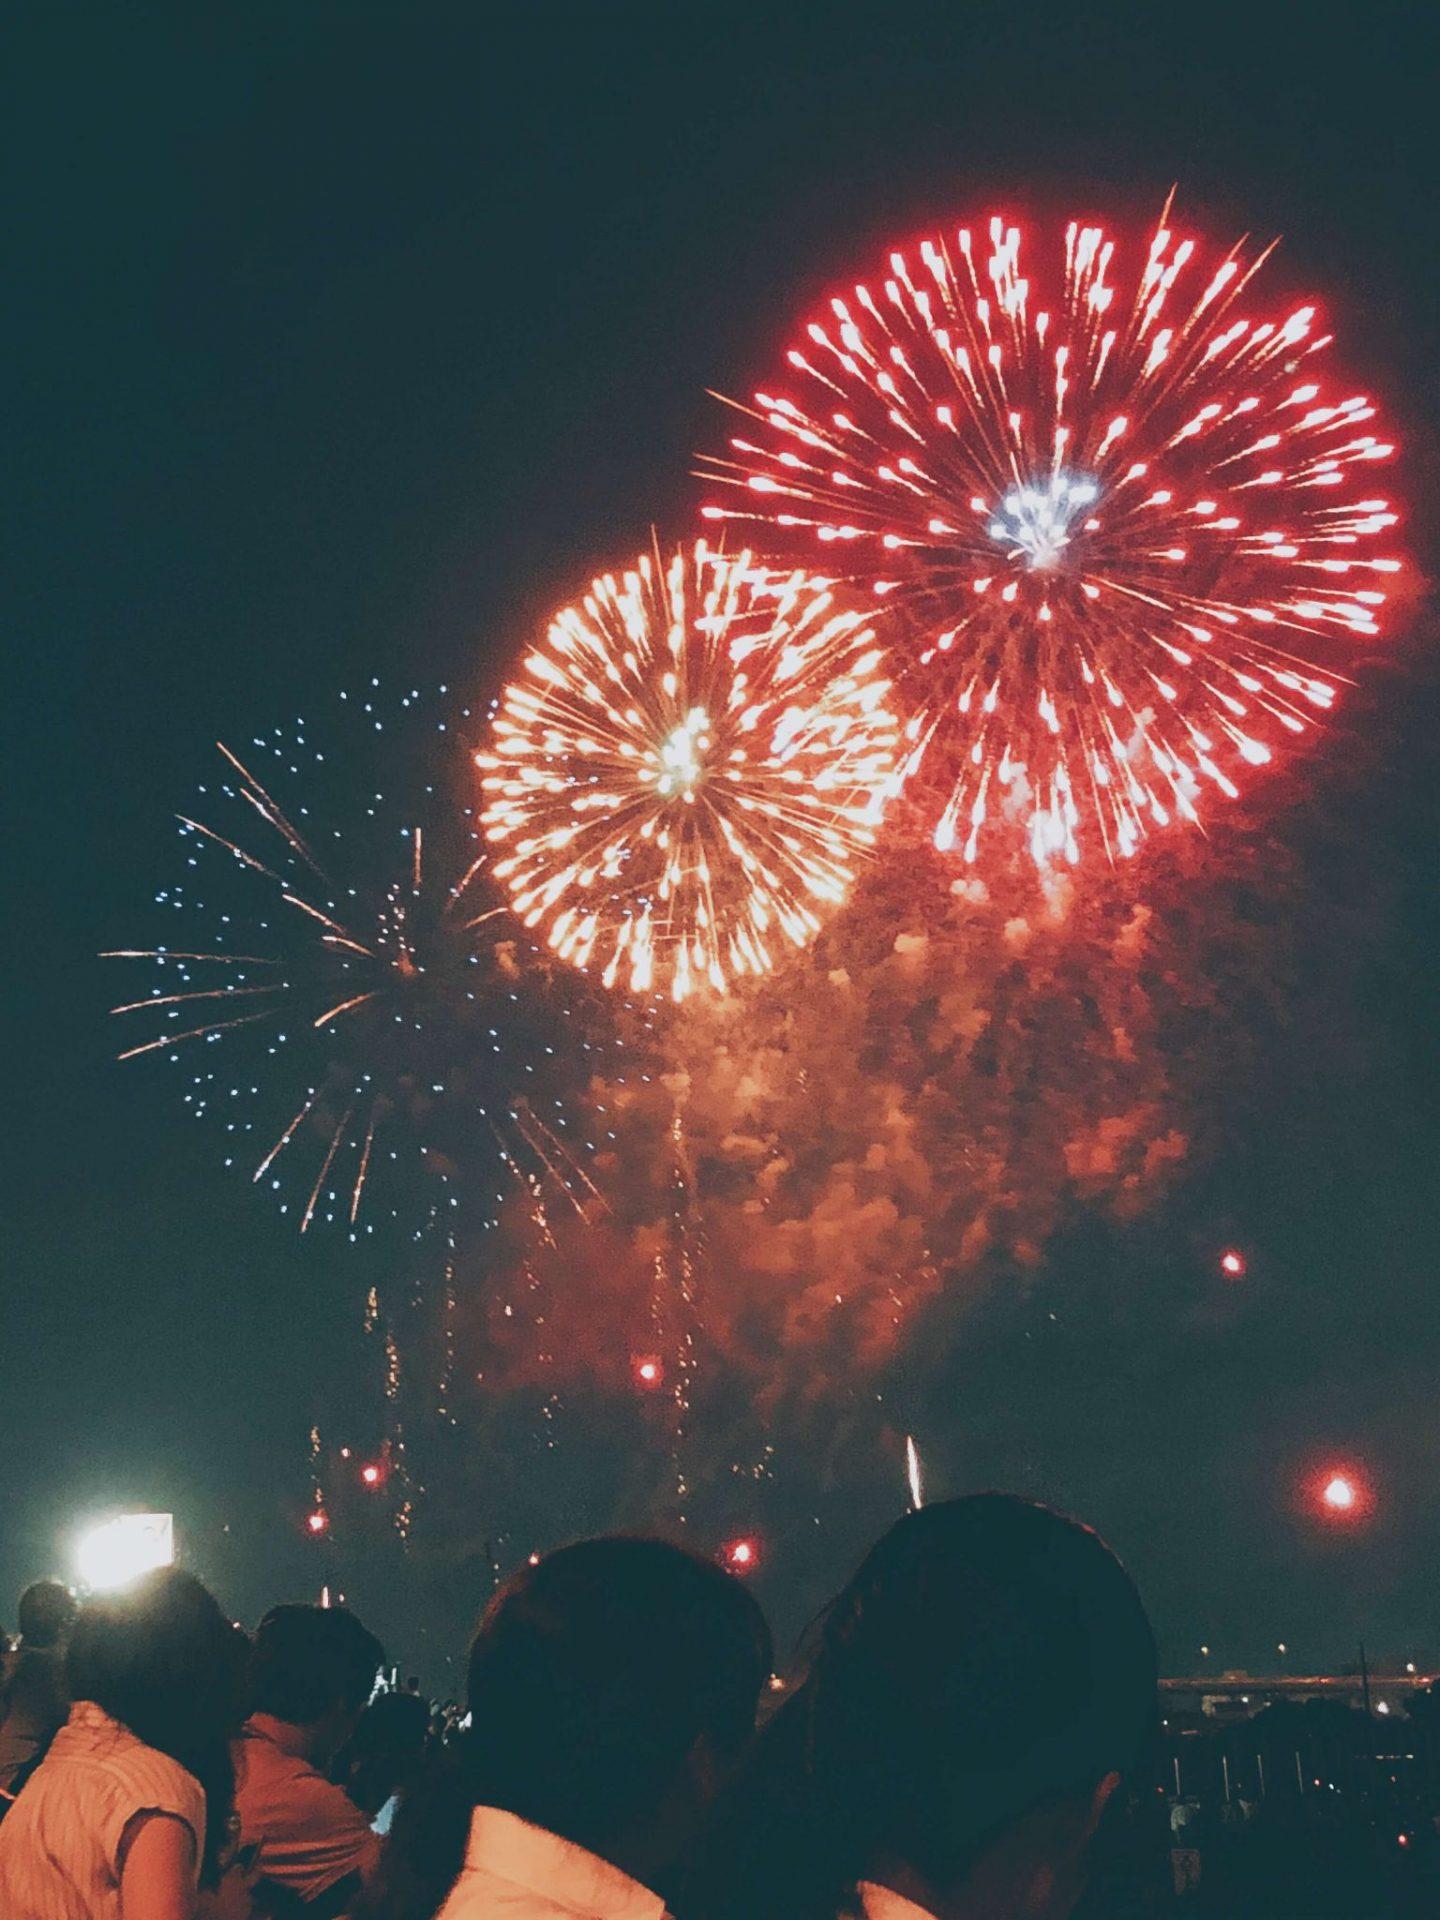 2018 Adachi Fireworks Festival